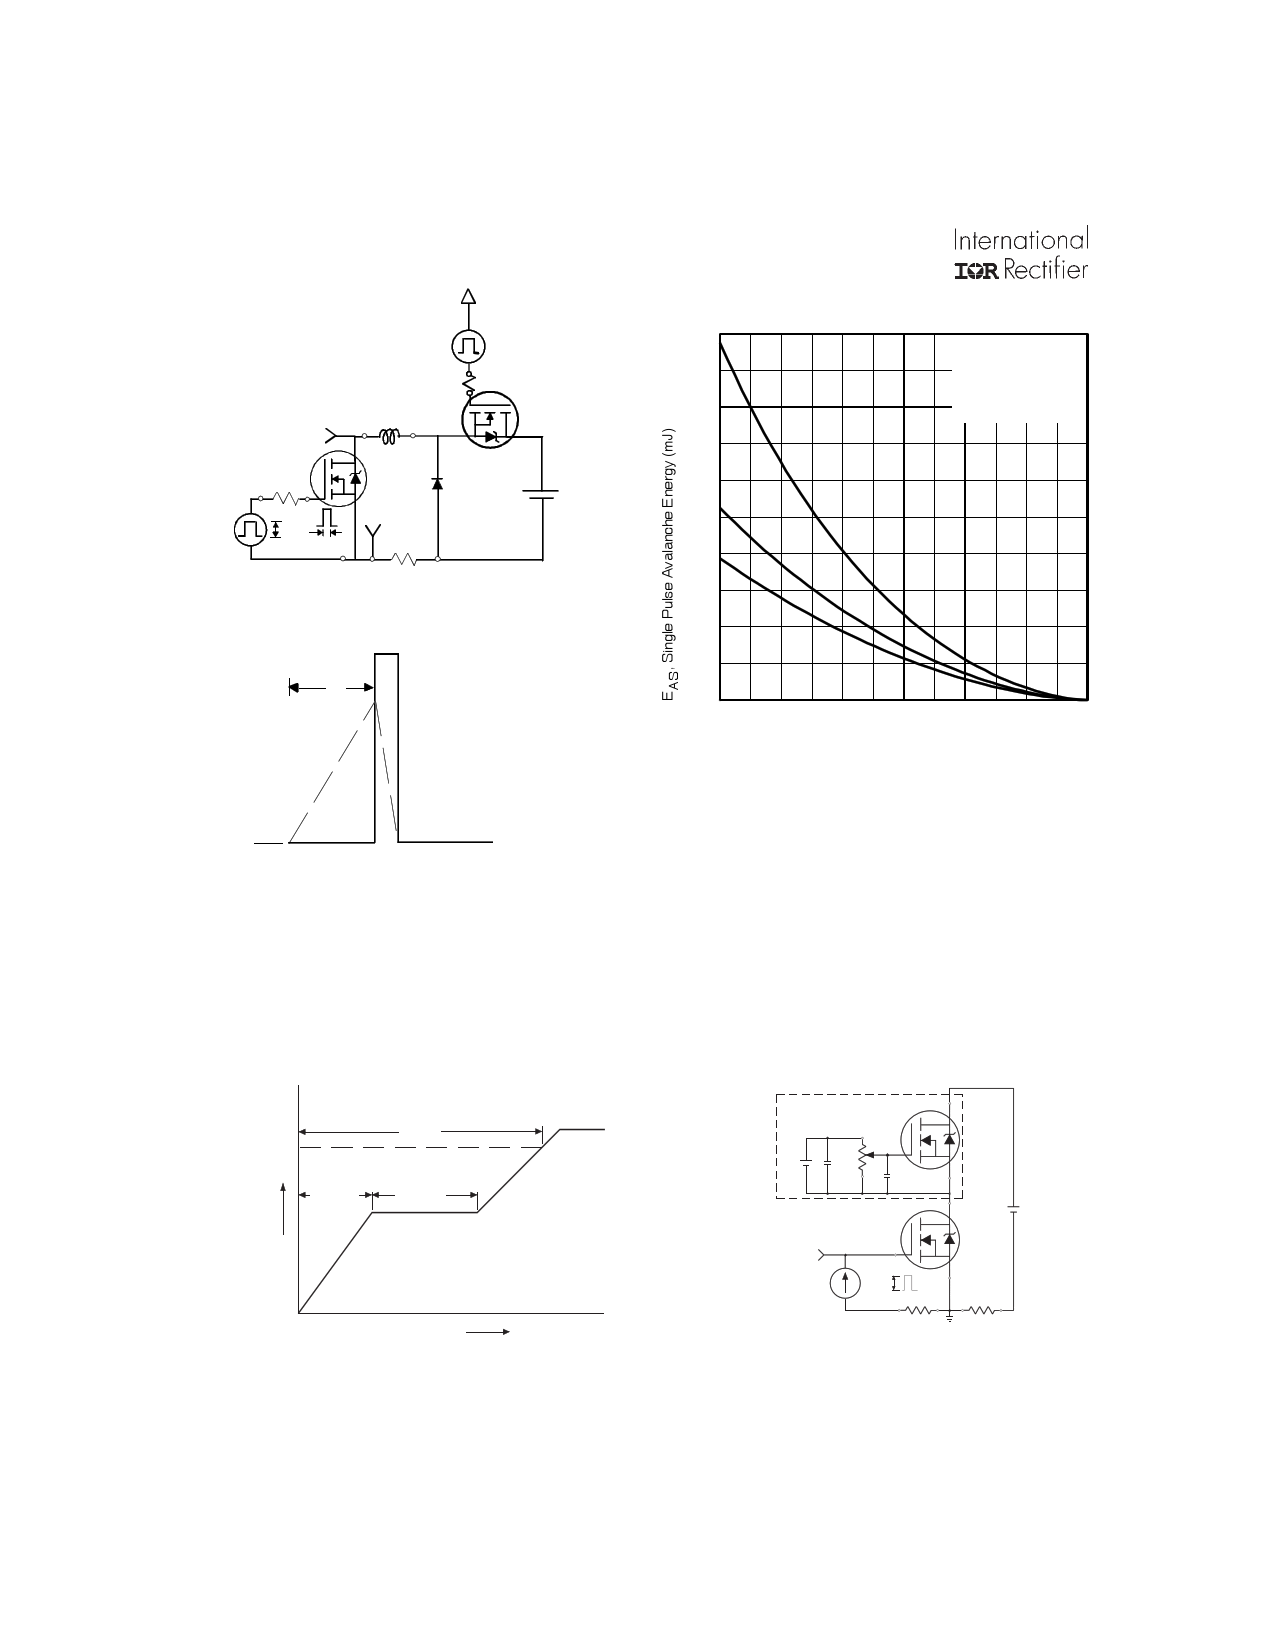 IRL3716LPbF 電子部品, 半導体